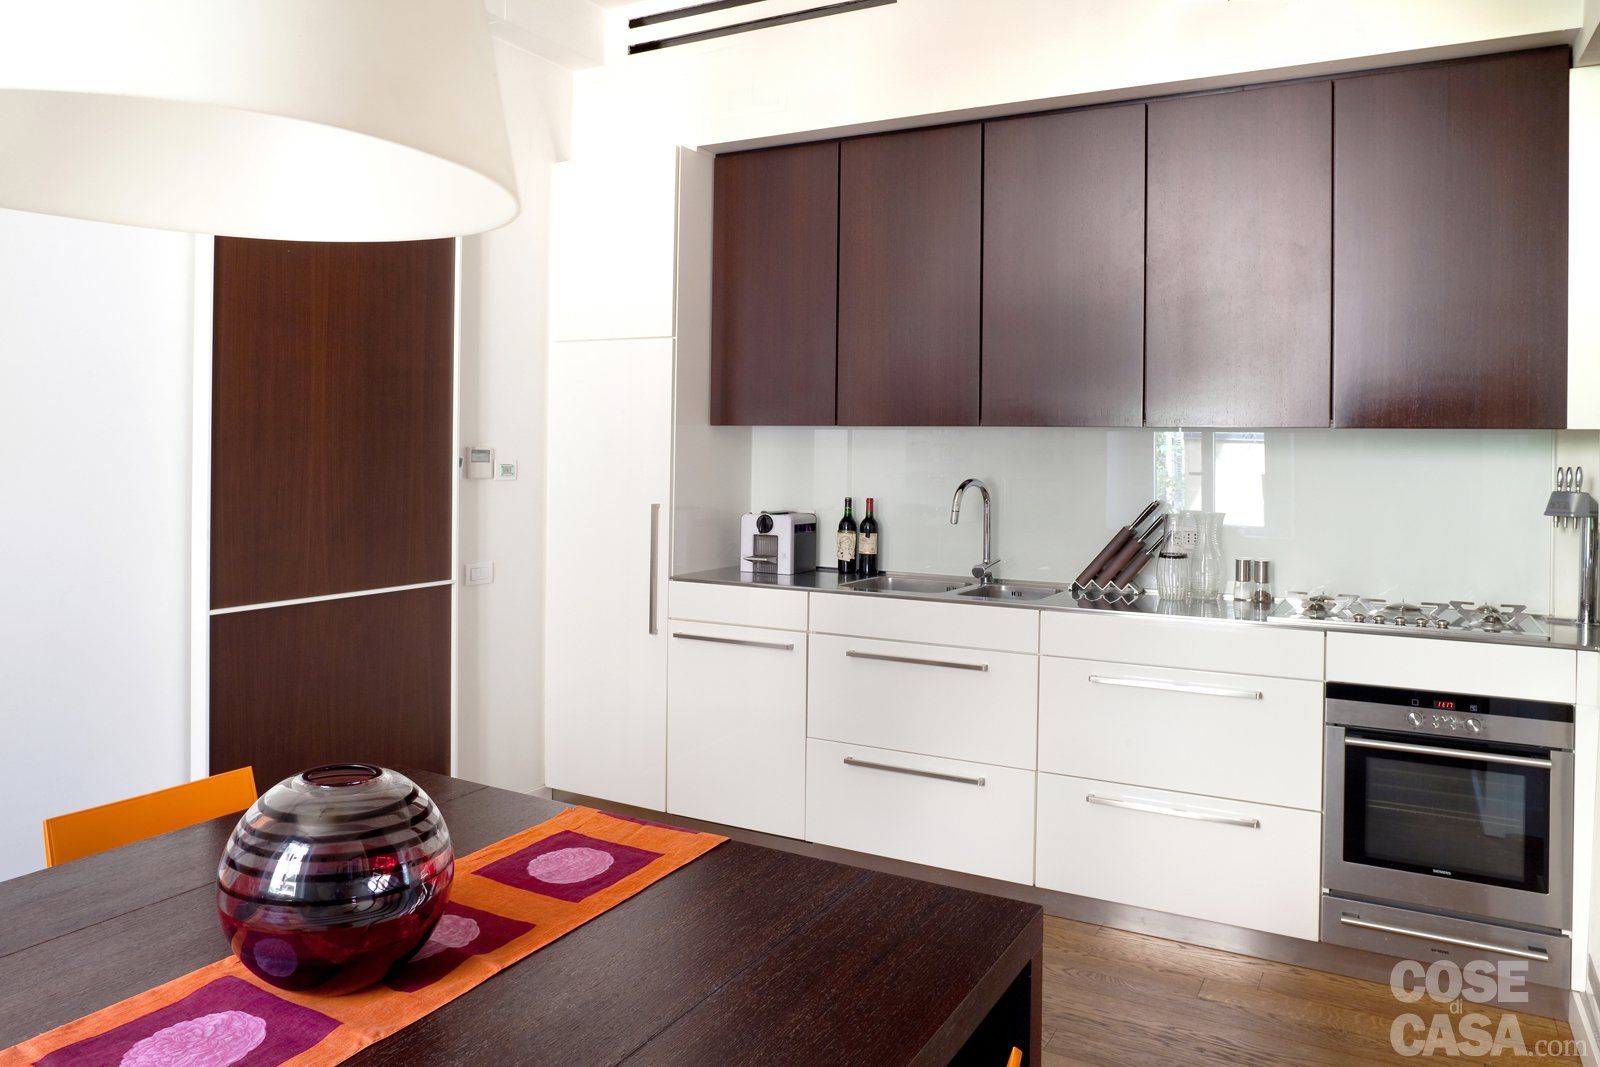 Casabook immobiliare 70 mq casa con veranda - Cucina 10 mq ...